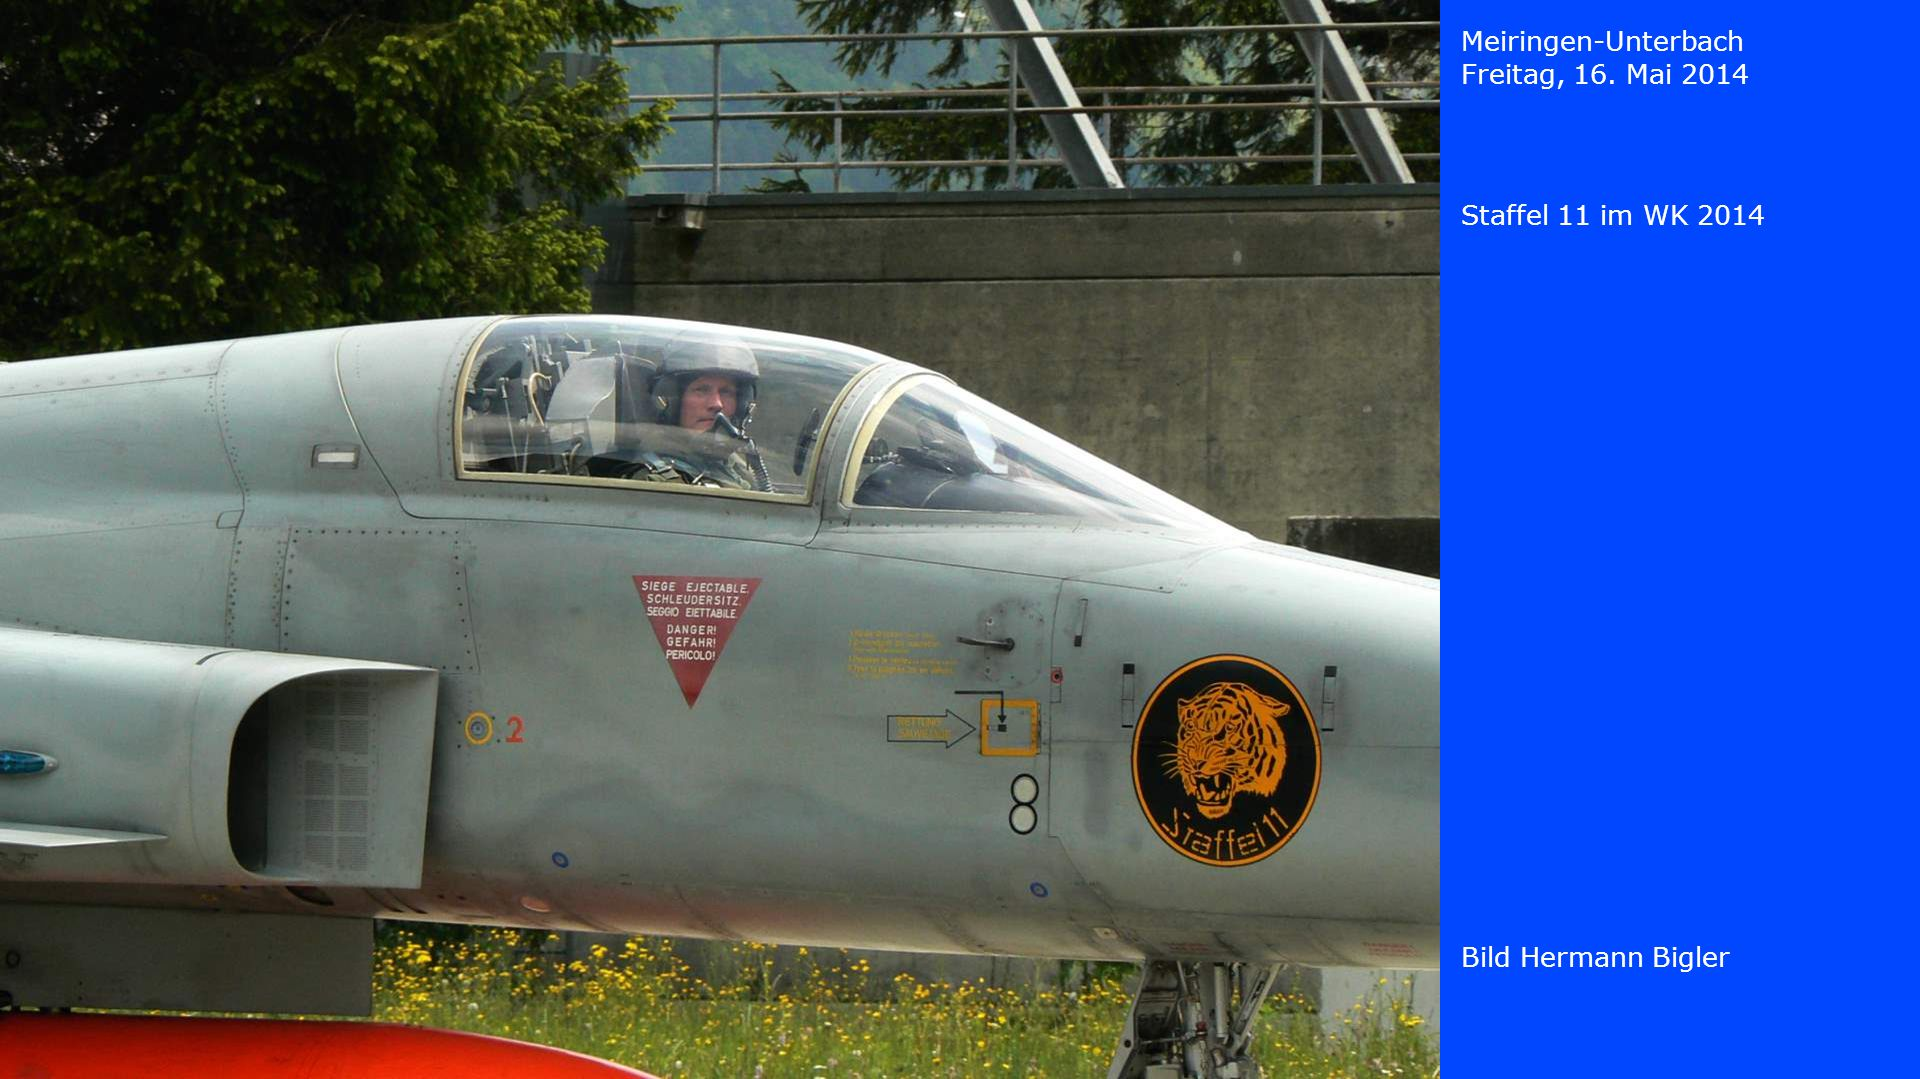 Meiringen-Unterbach Freitag, 16. Mai 2014 Staffel 11 im WK 2014 Bild Hermann Bigler